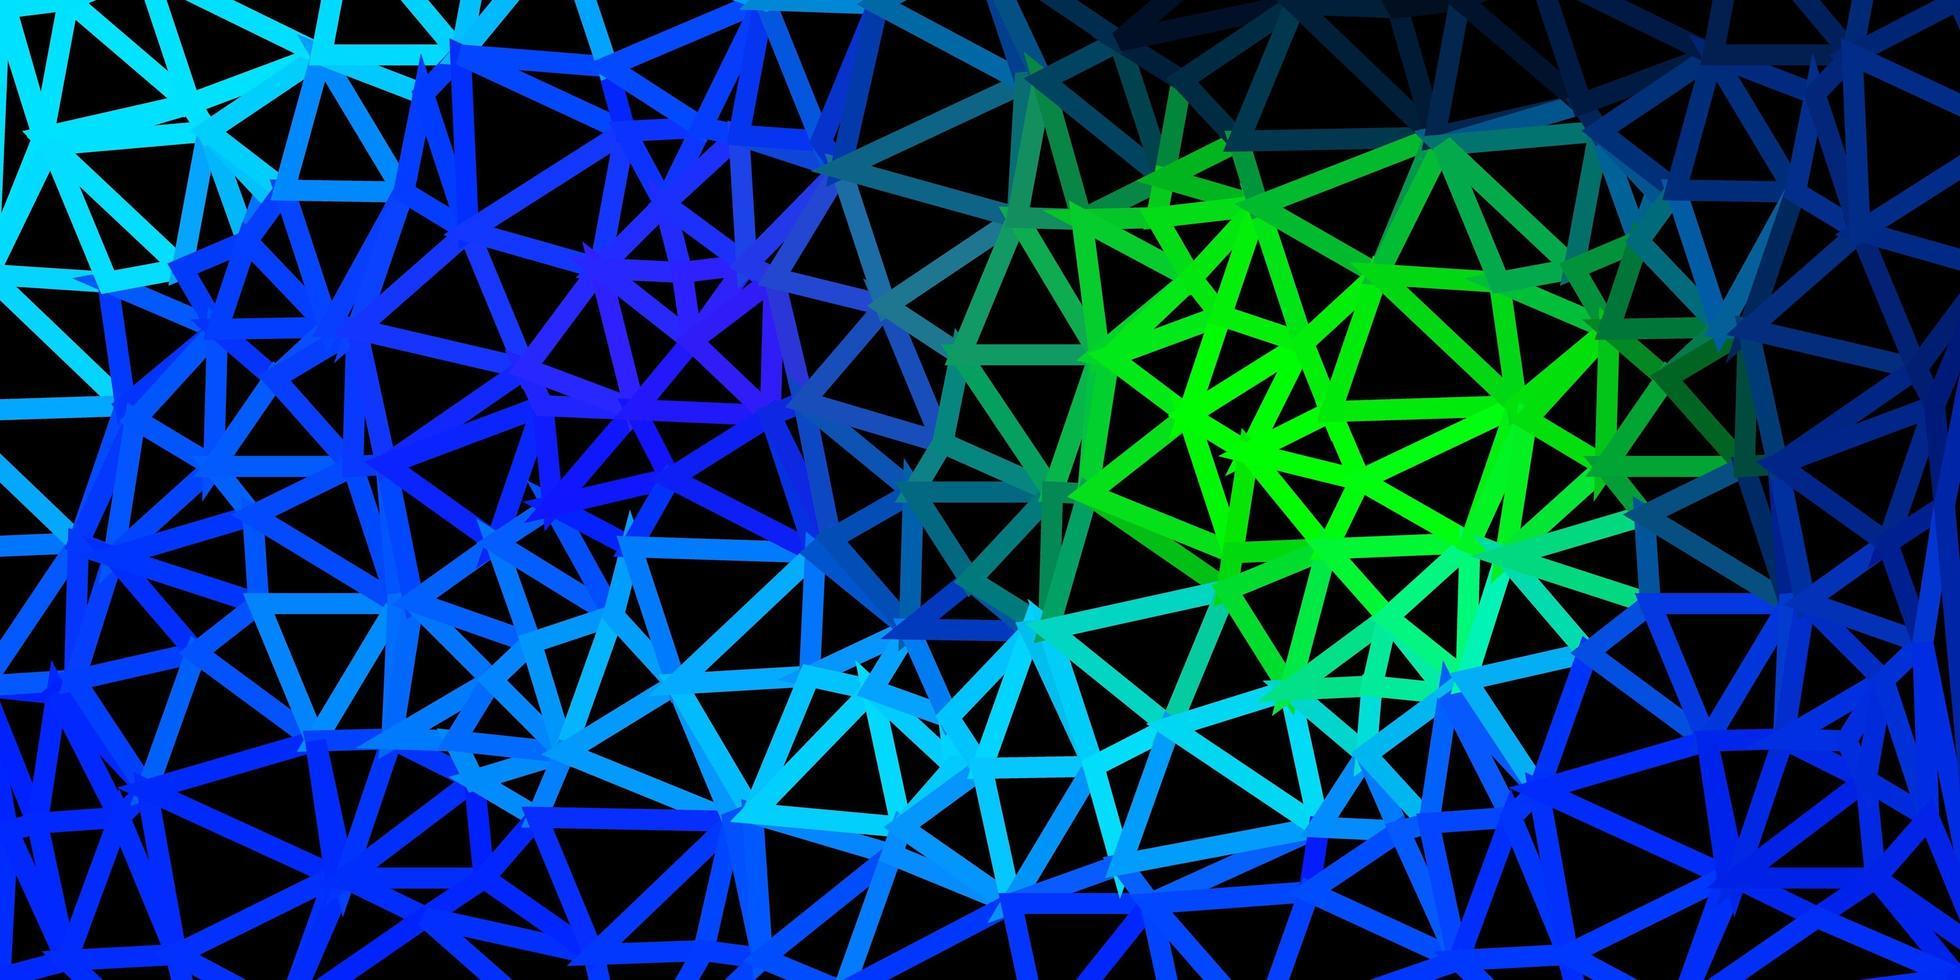 mosaico a triangolo azzurro e verde. vettore